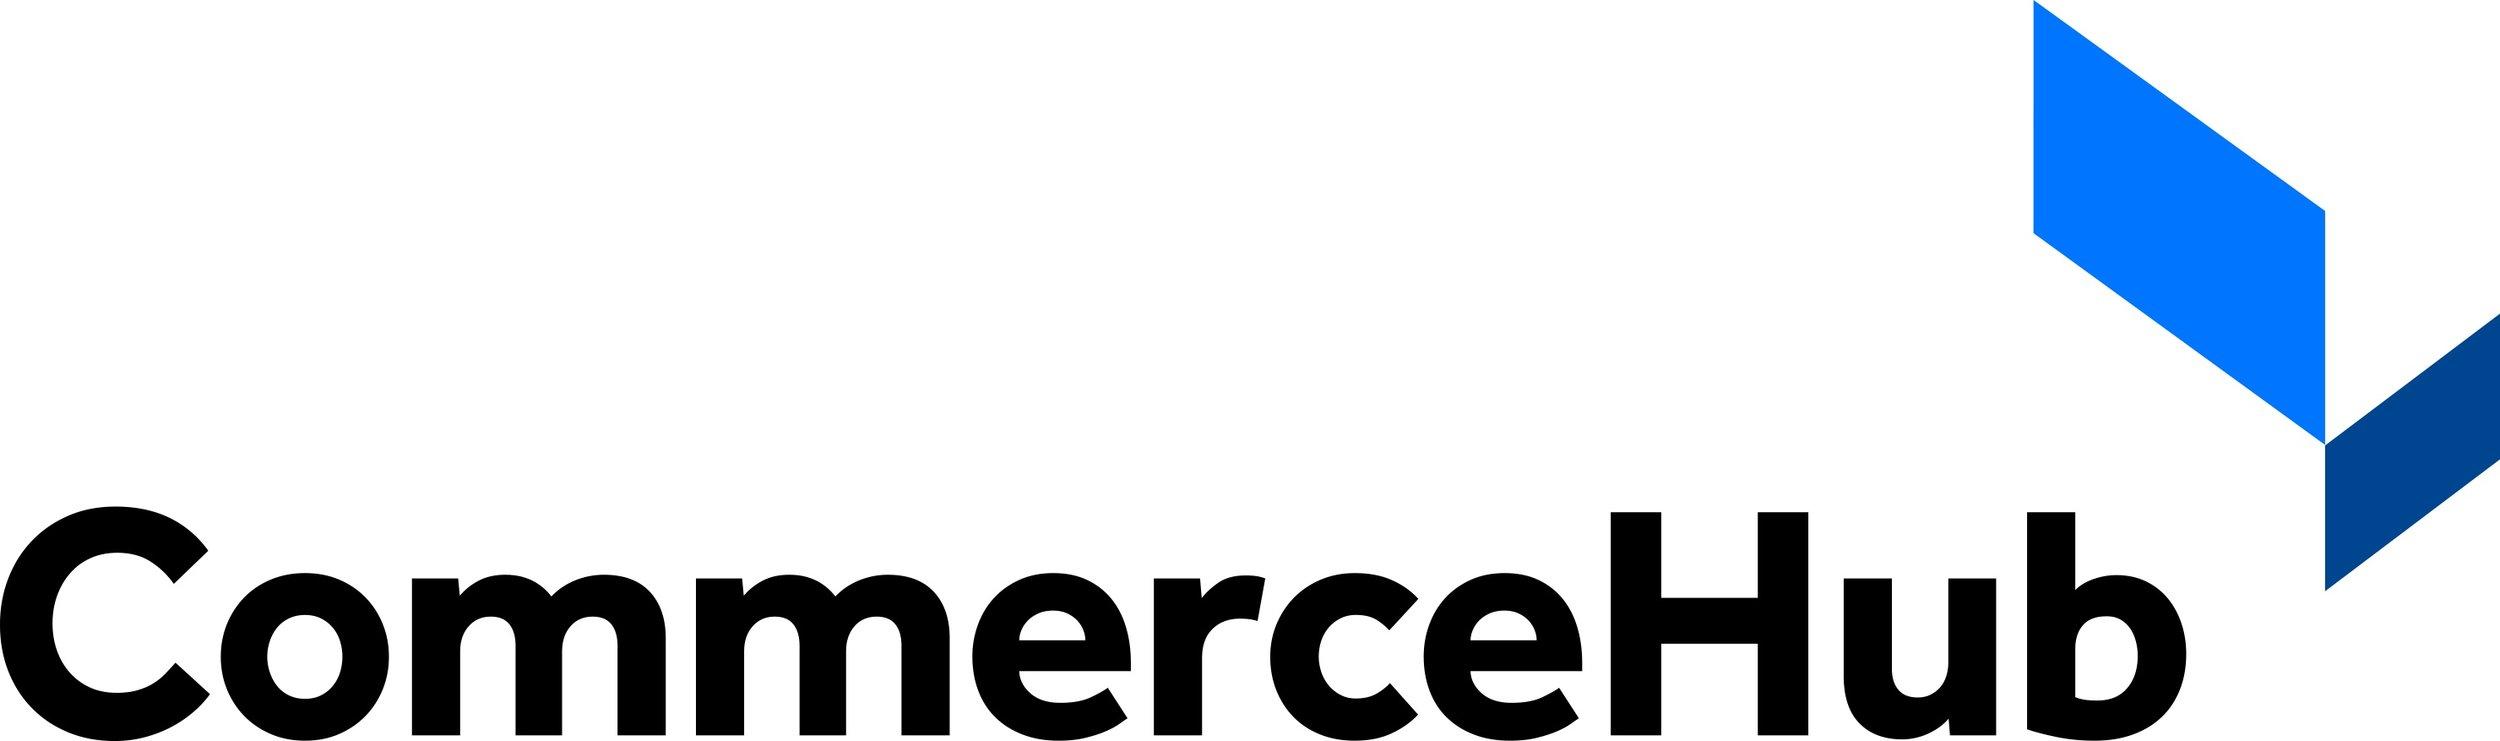 CommerceHub.Logo.Color.jpg